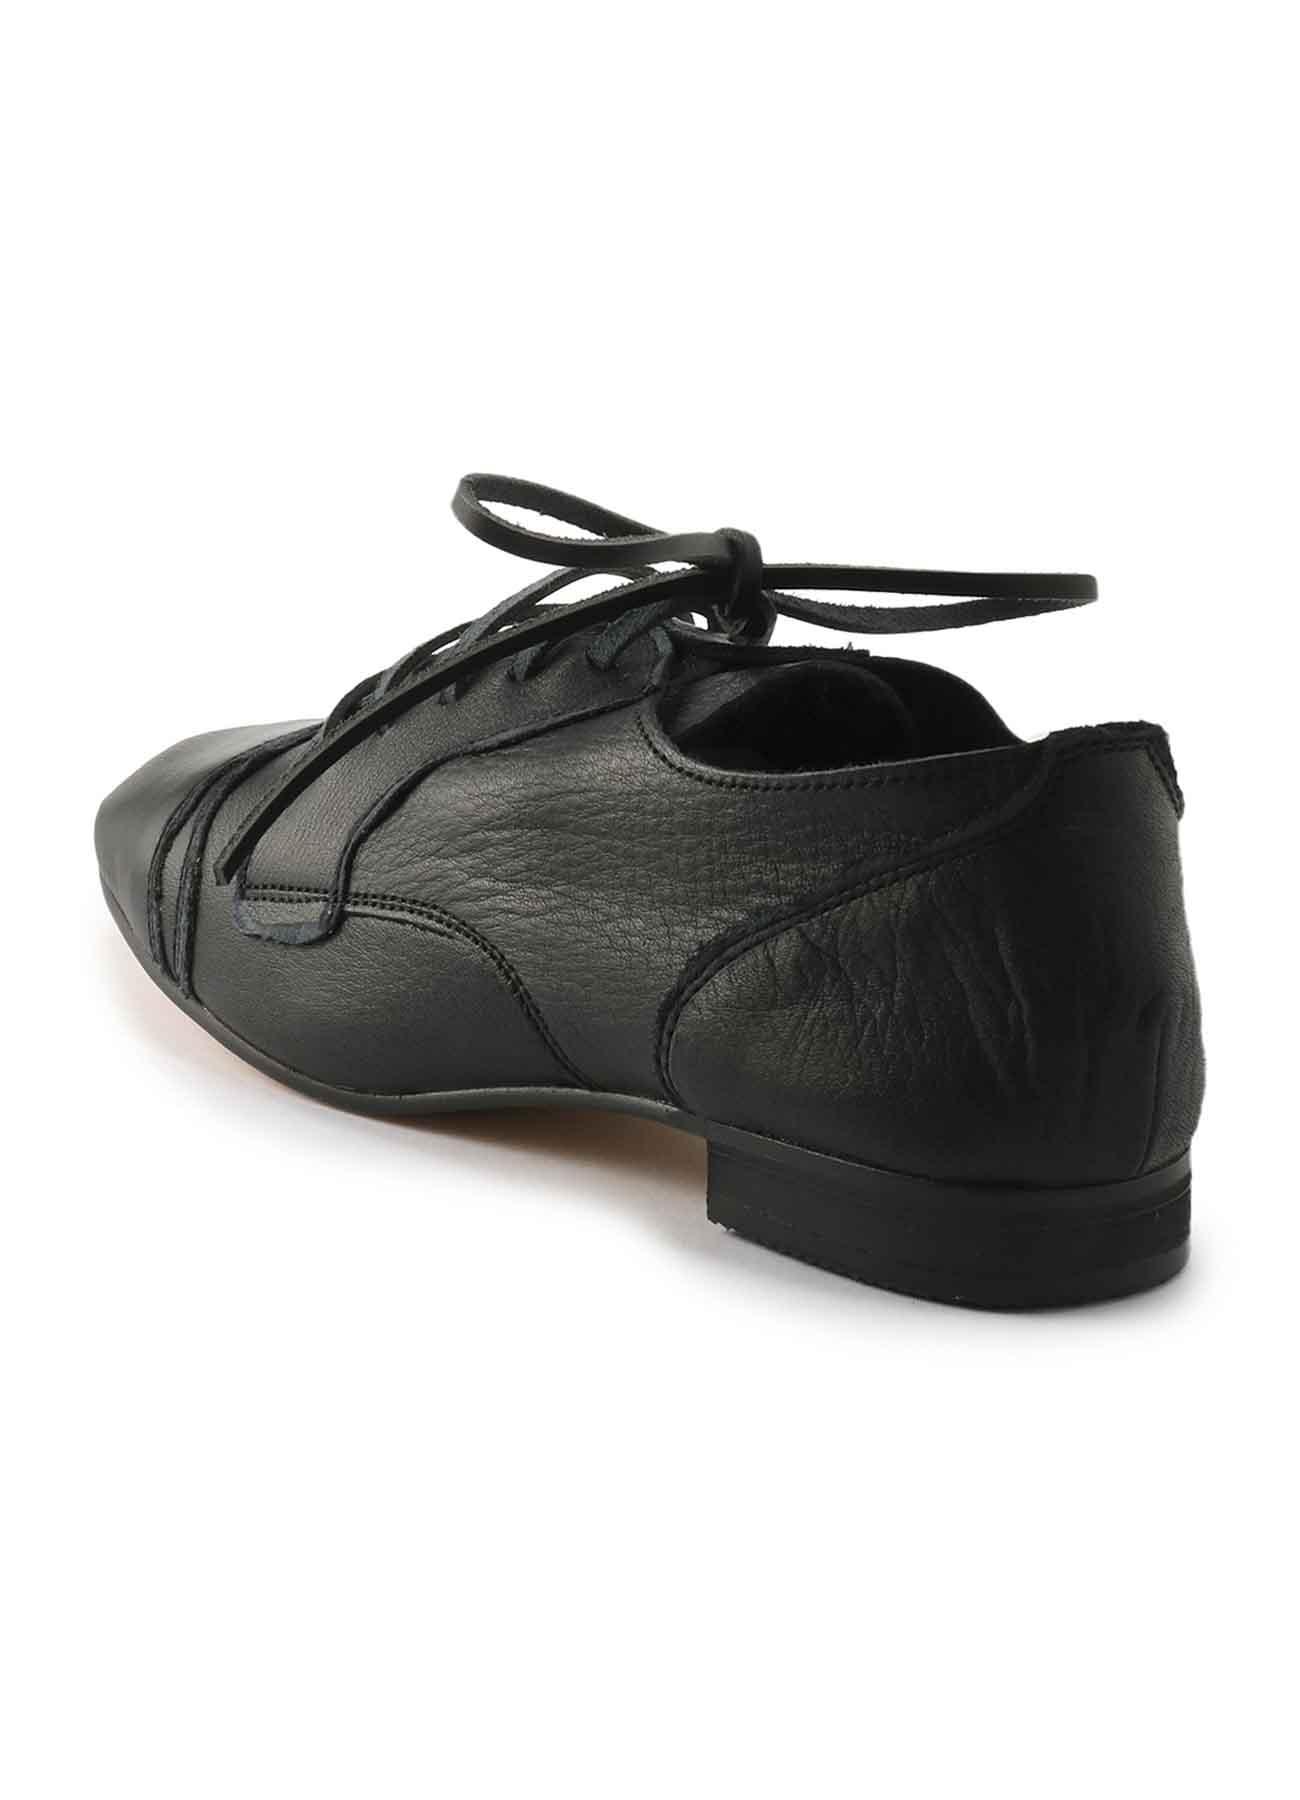 ソフトレザー裁ち切り短靴